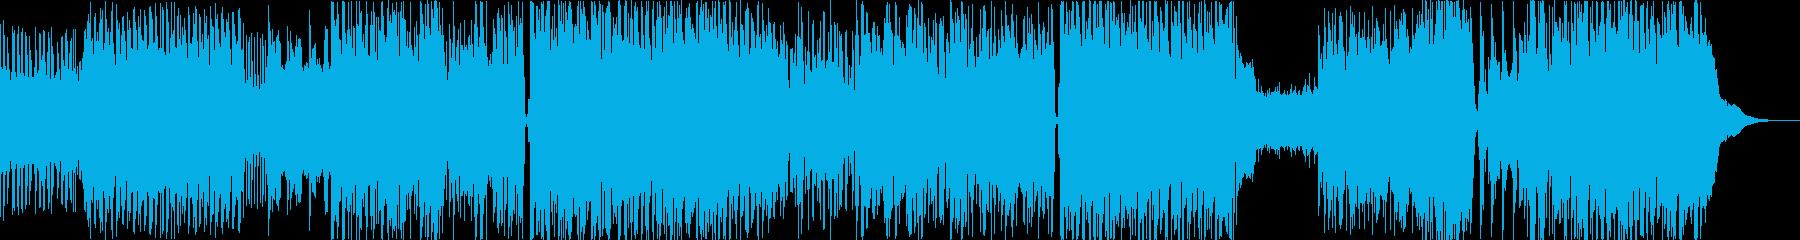 ノリのいいアニメオープニング的曲の再生済みの波形